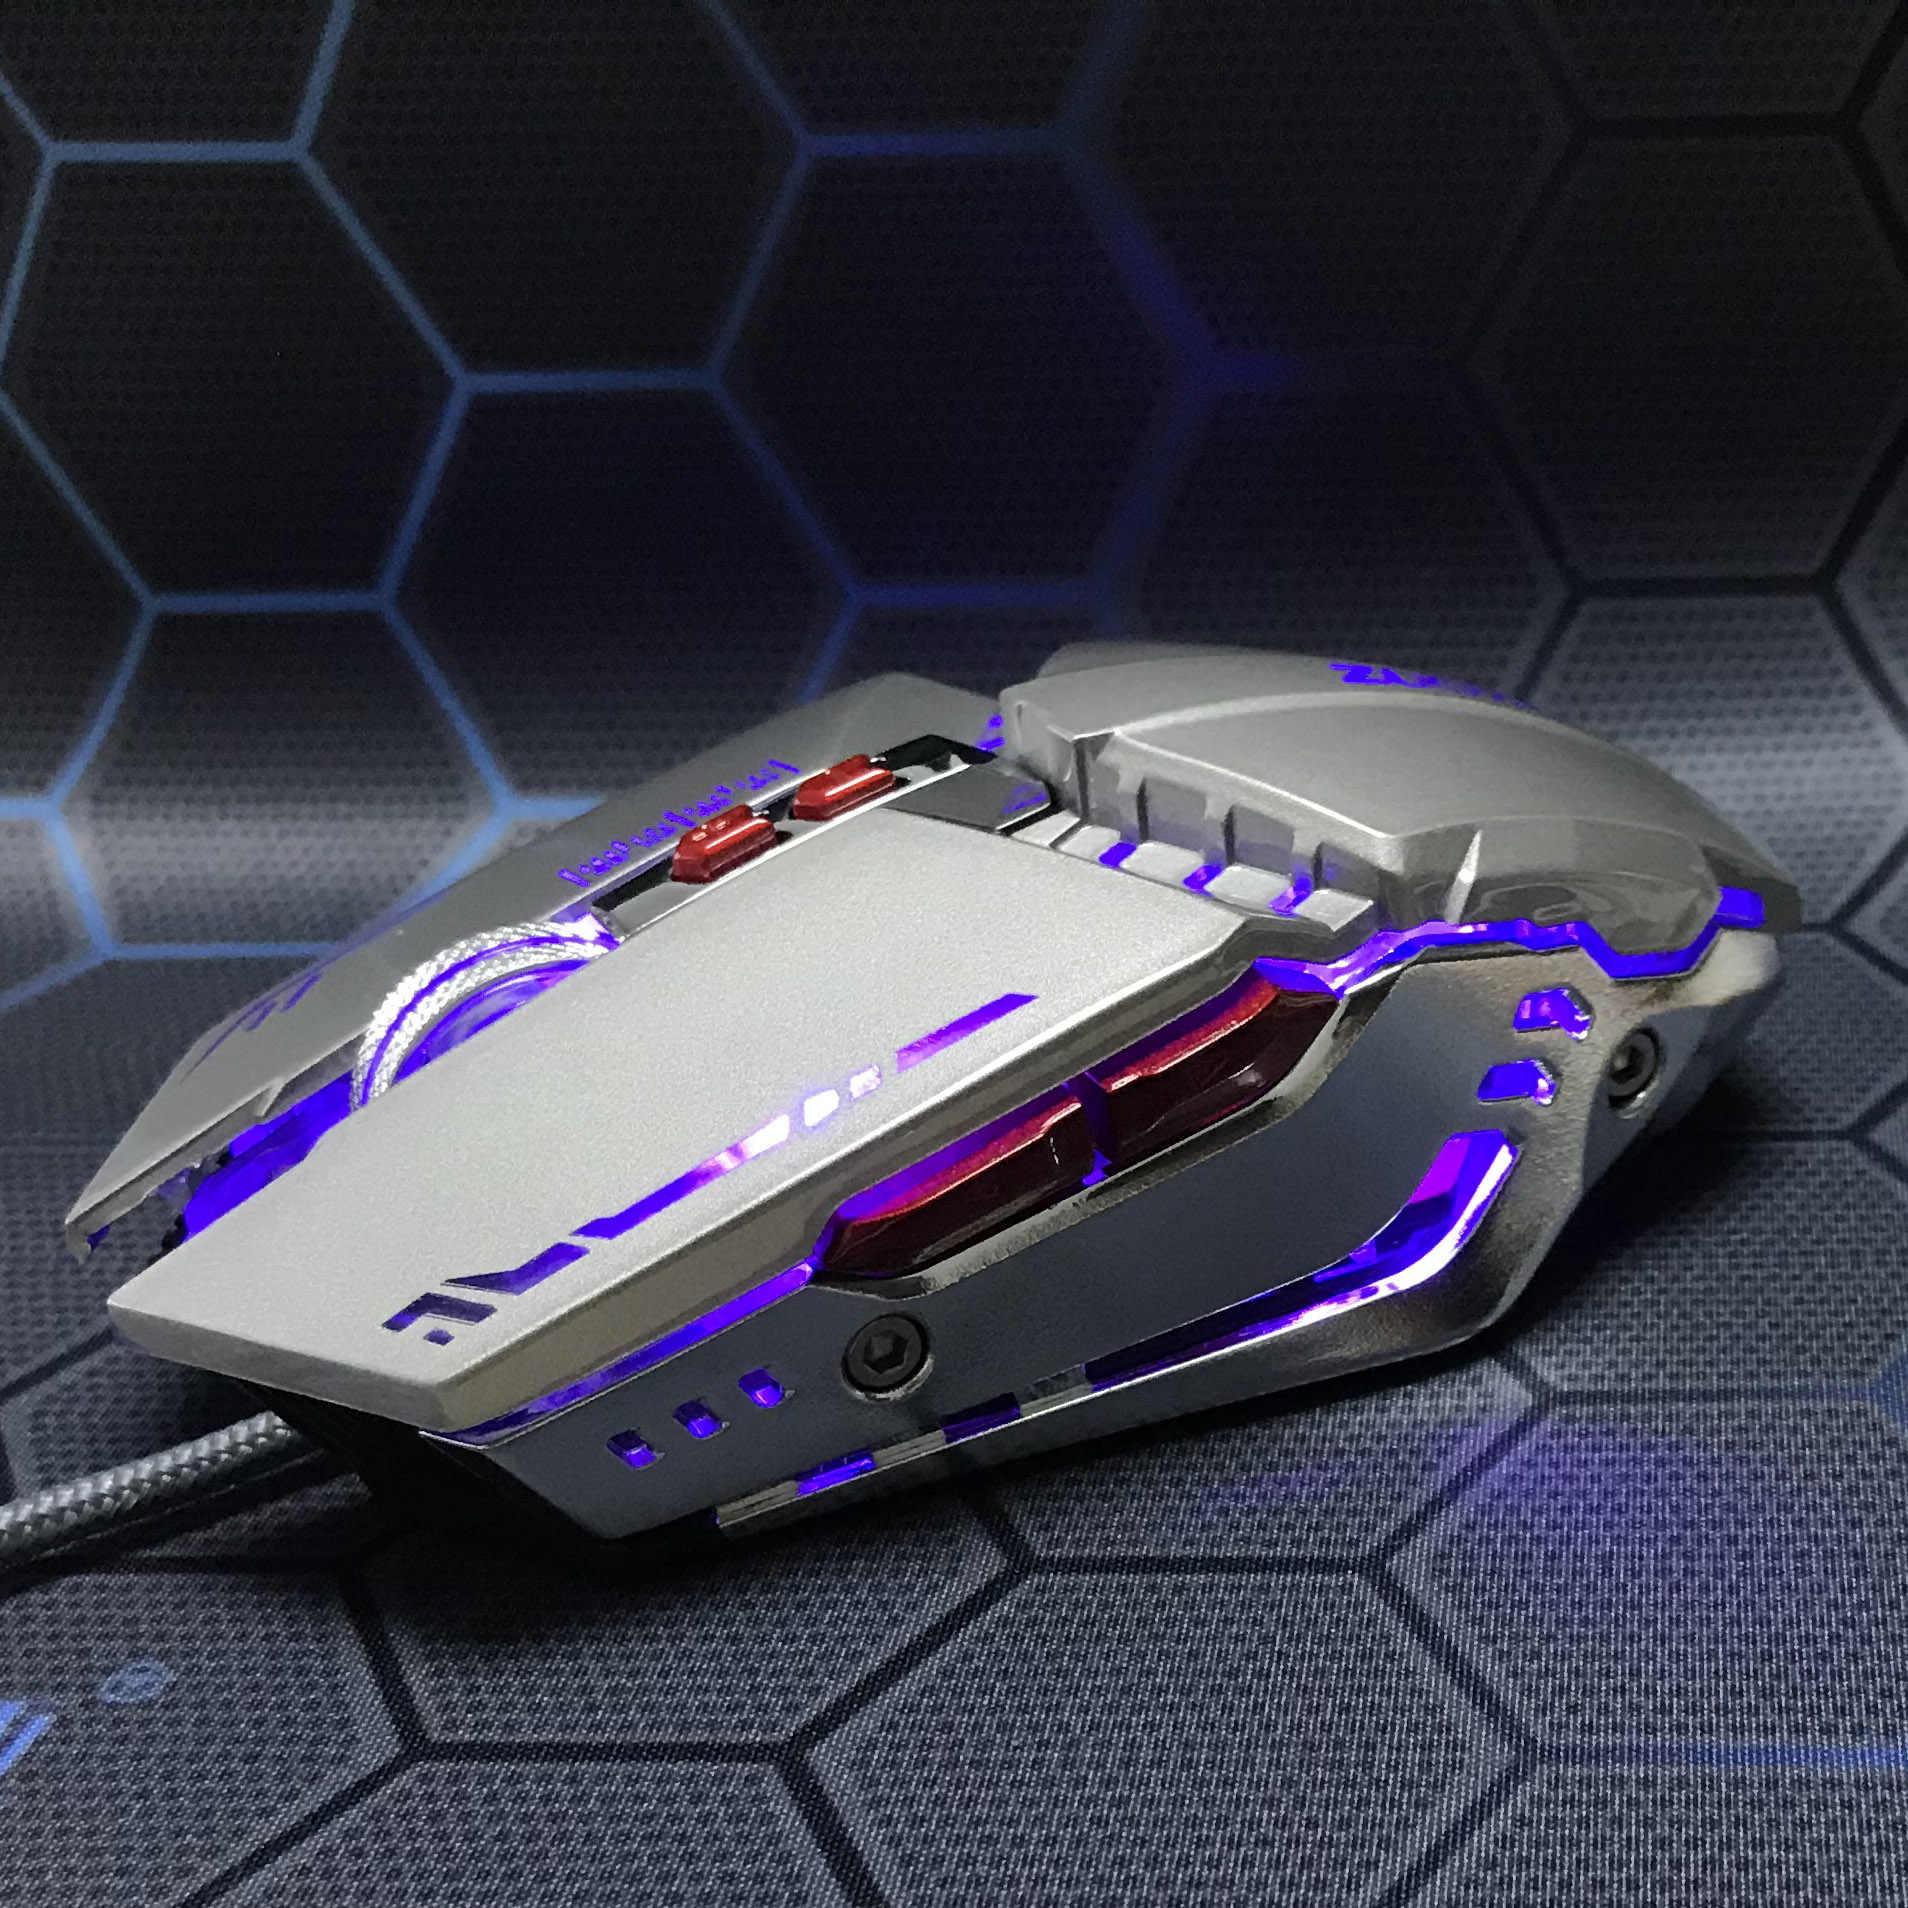 ZUOYA przewodowa mysz dla graczy z USB 7 przycisków dioda optyczna gra komputerowa myszy na PC Laptop Notebook dla graczy Gamer